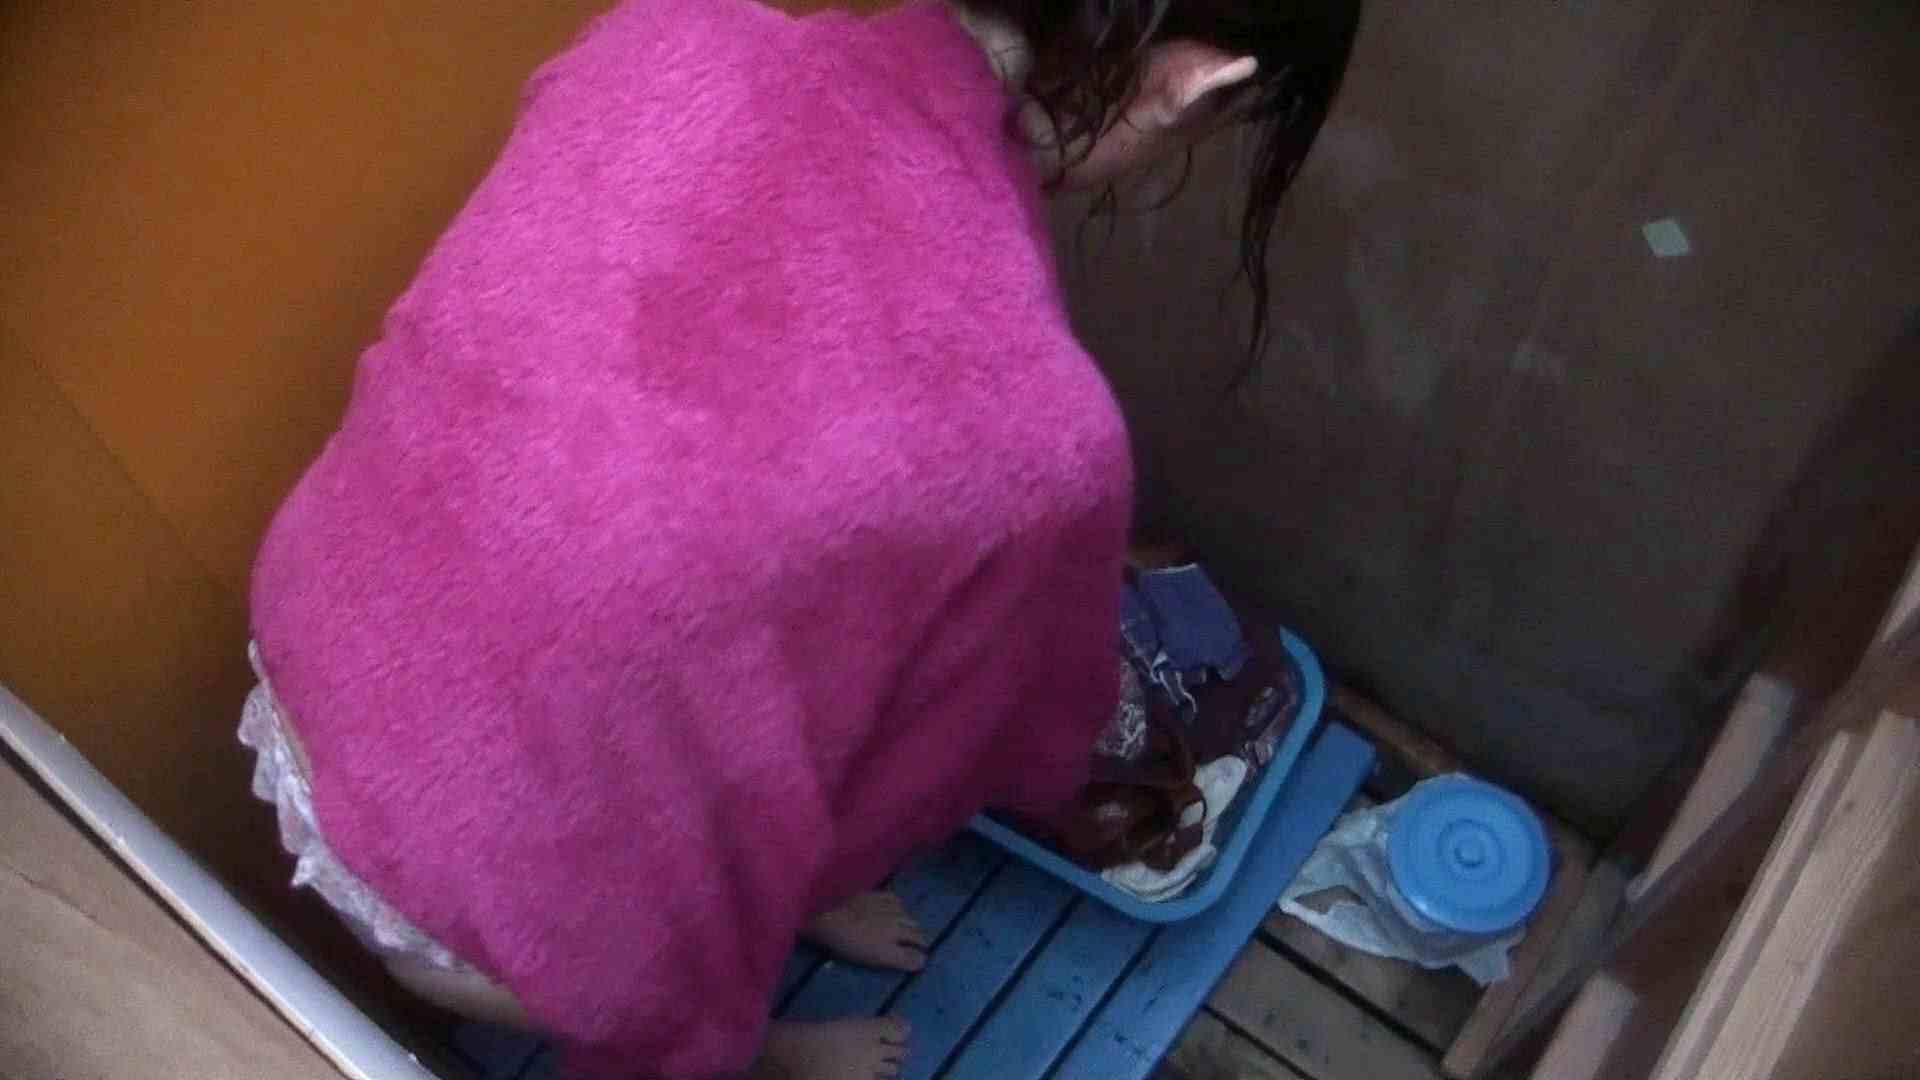 シャワールームは超!!危険な香りVol.29 こっちを向いて欲しい貧乳姉さん 美しいOLの裸体 SEX無修正画像 78pic 6